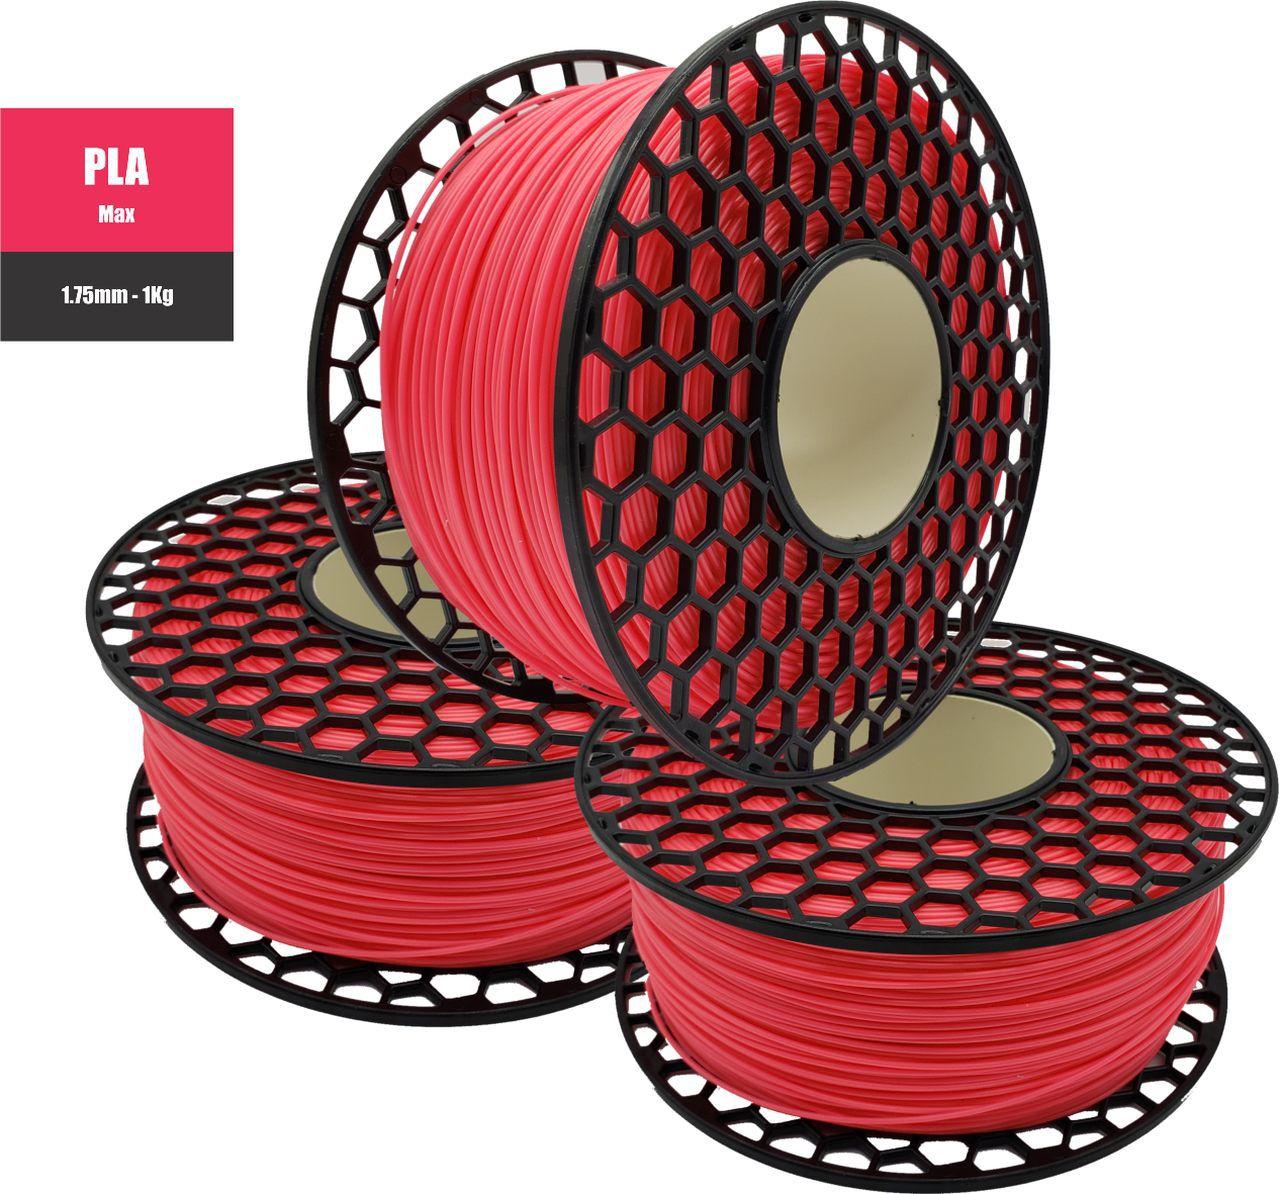 Filamento PLA Max - Rosa - National 3D - 1.75mm - 1KG